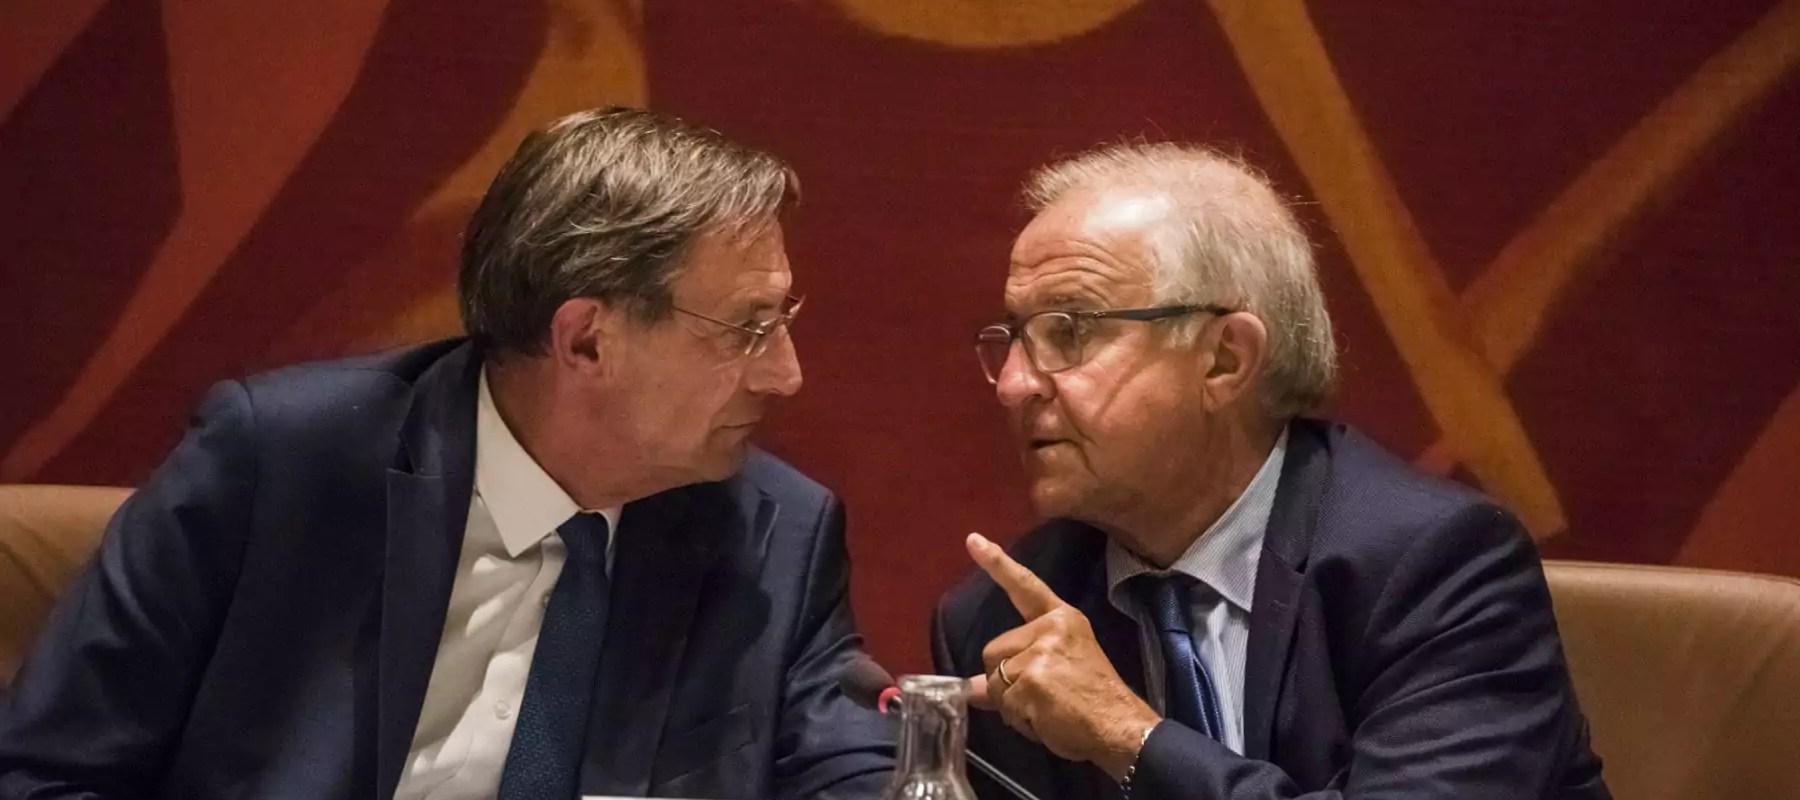 Un conseil de l'Eurométropole aux allures de bilan du mandat